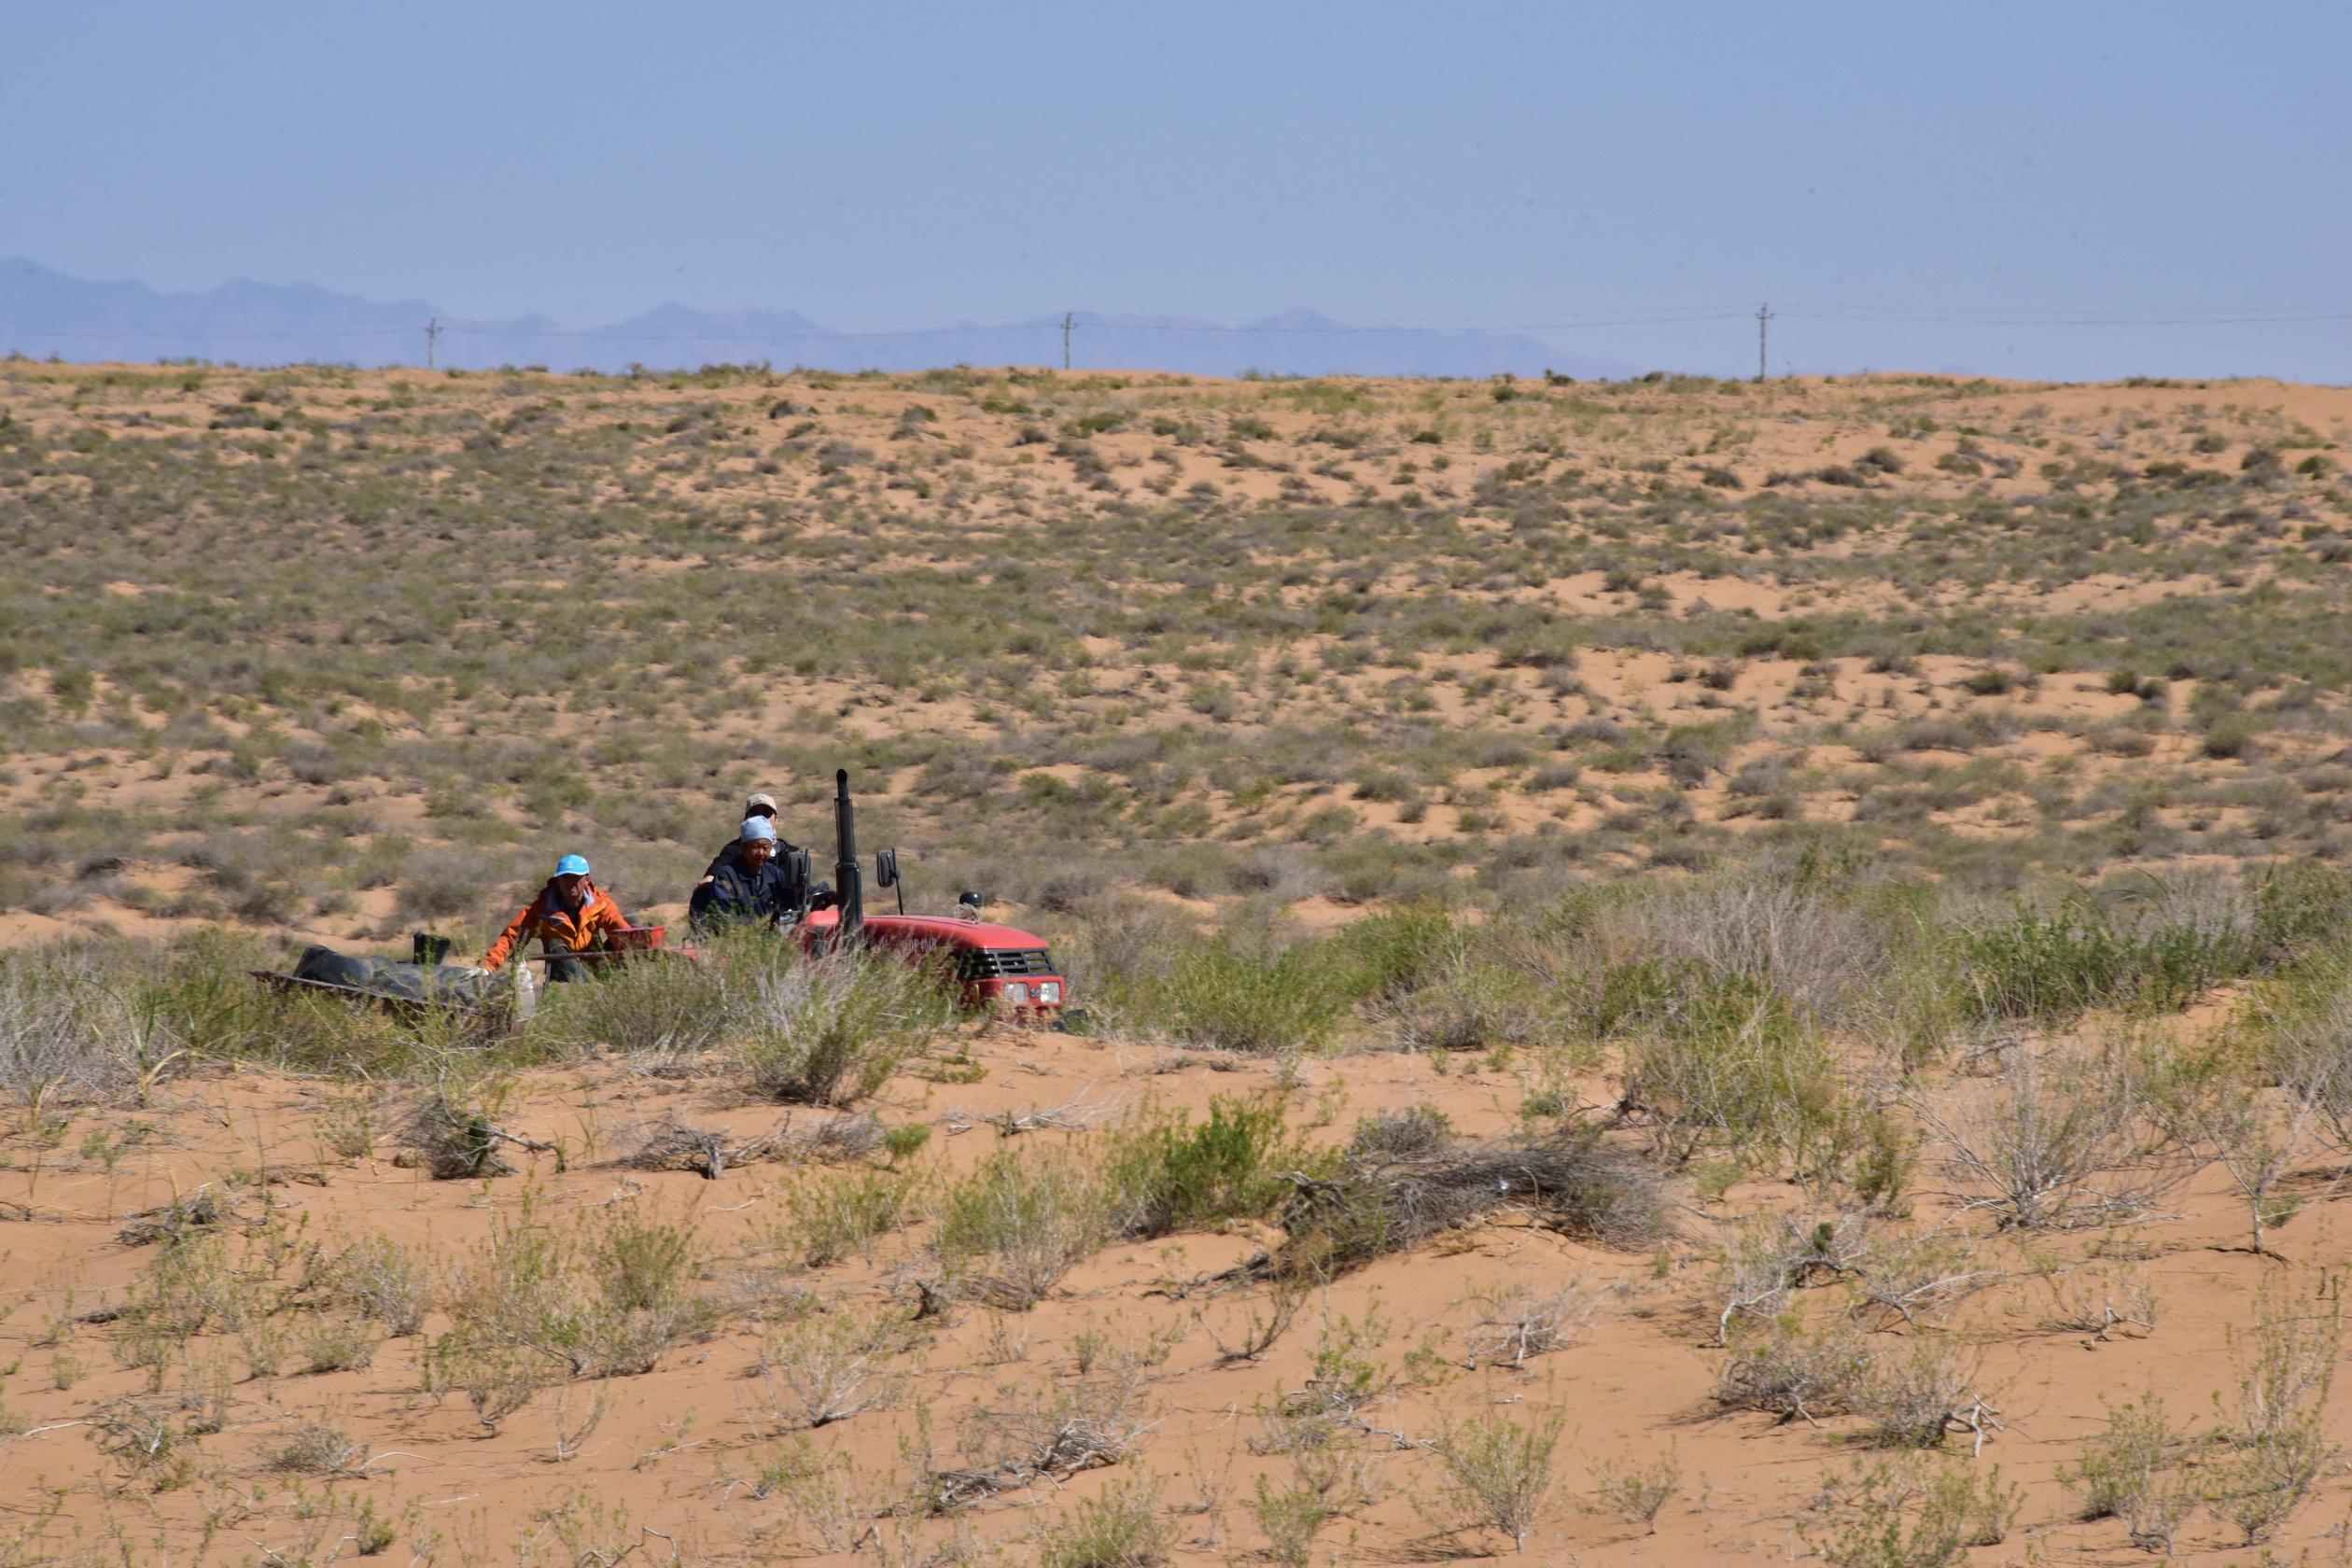 一辆农用拖拉机正在沙化十分严重的内蒙古阿拉善草原上行驶。摄影/章轲